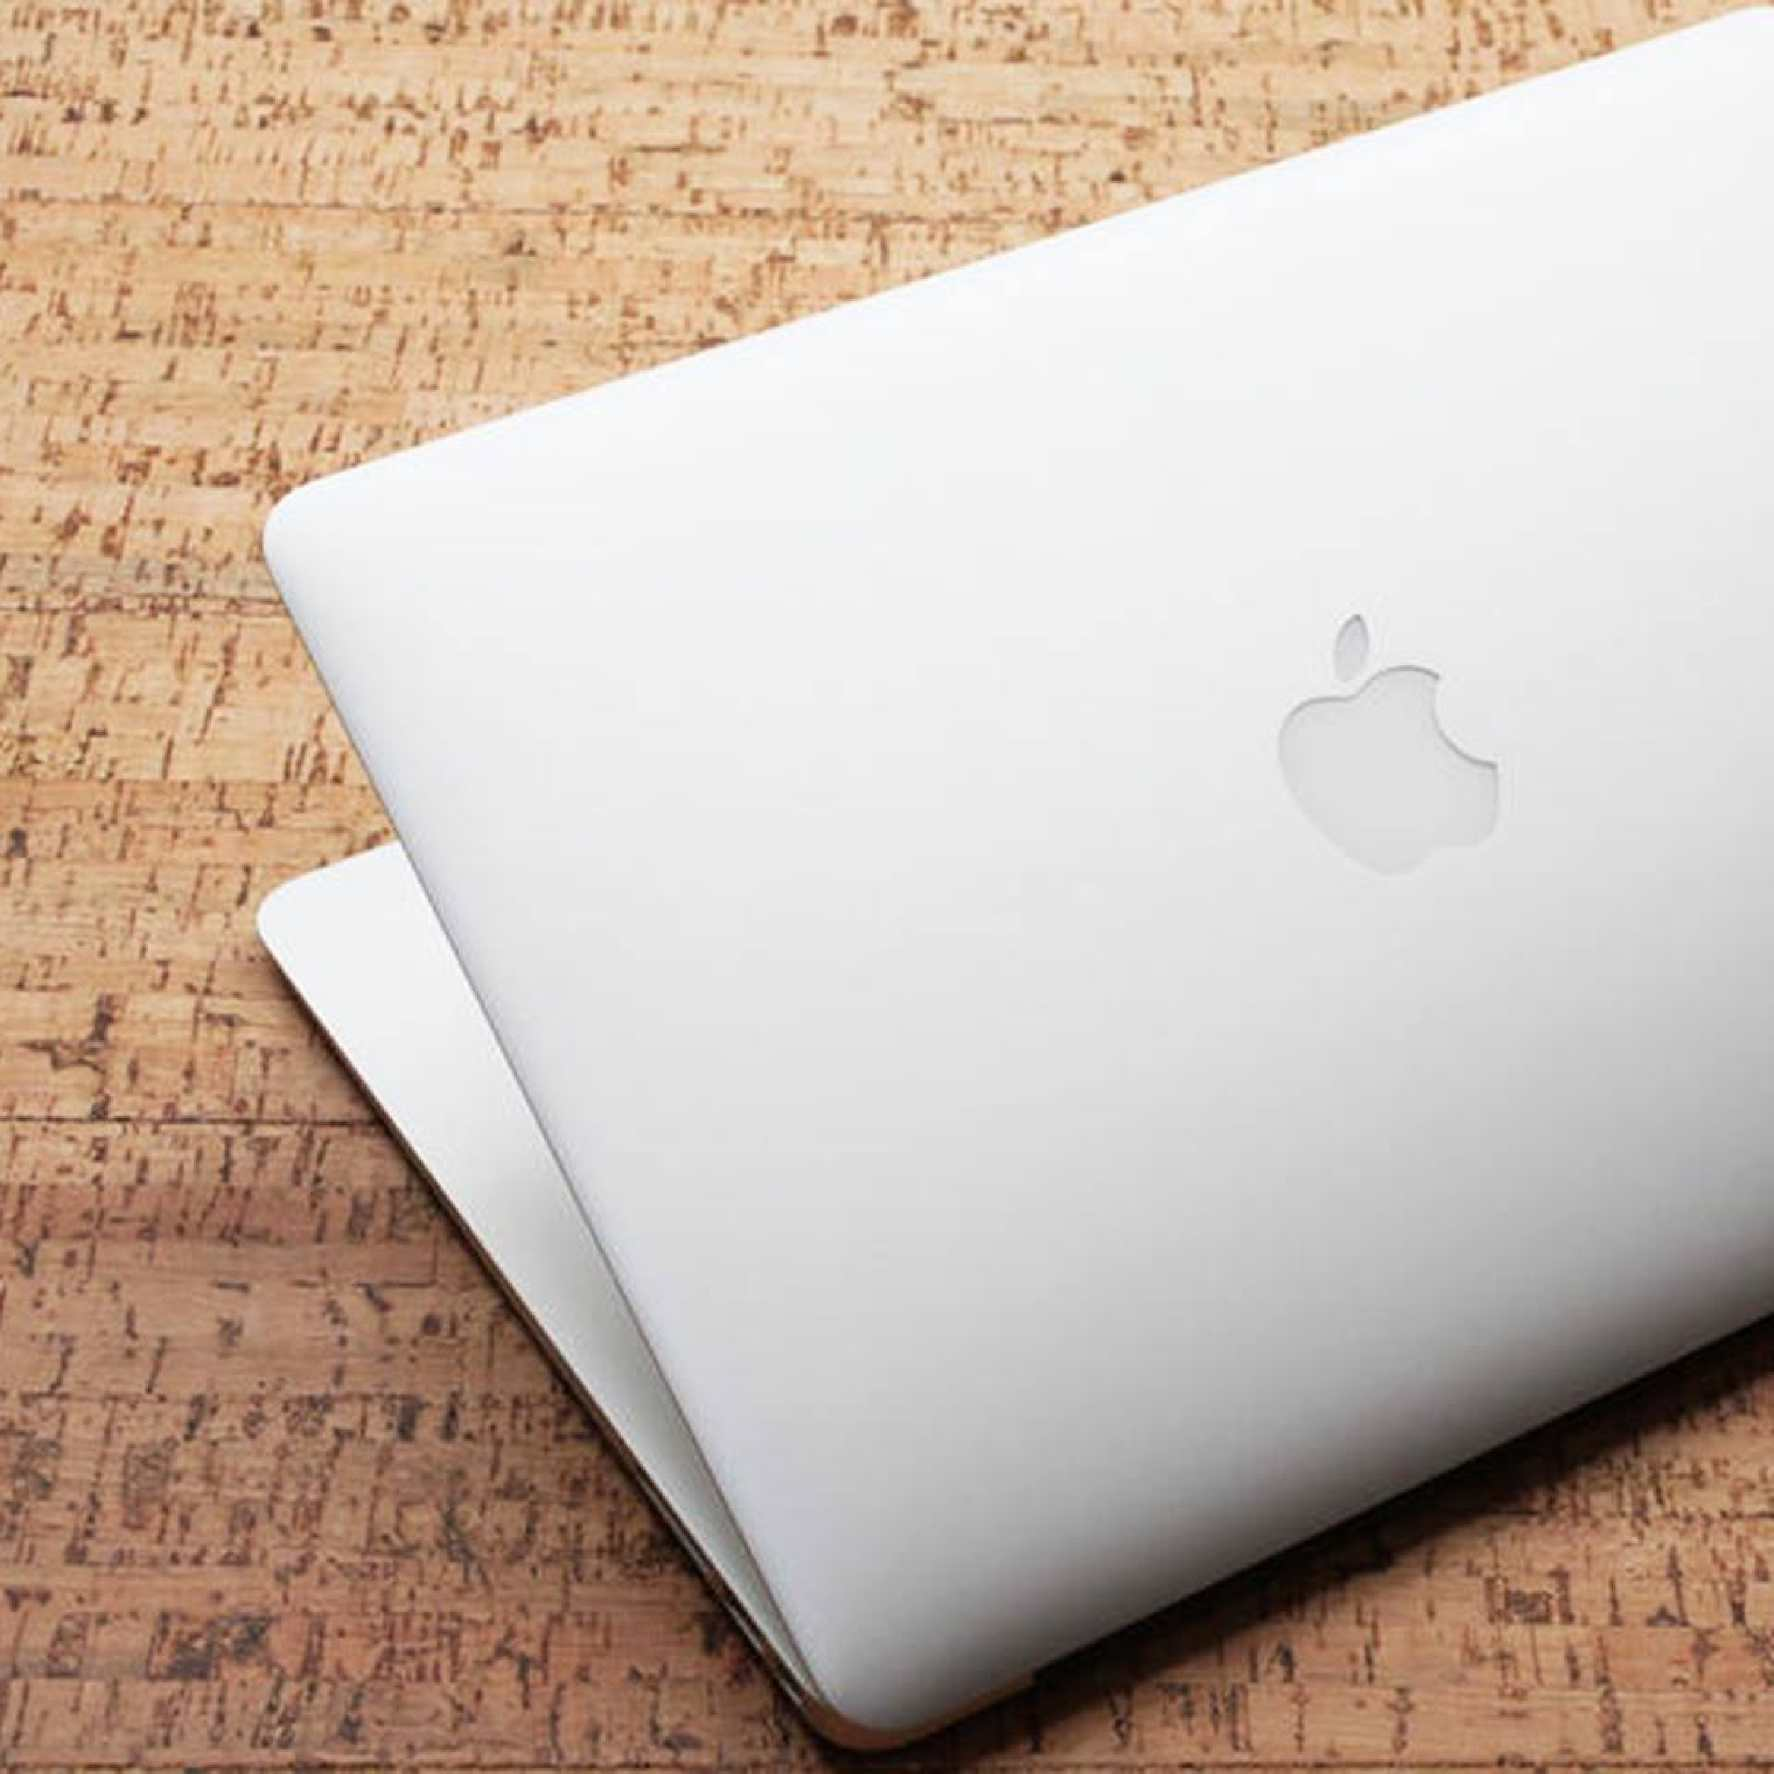 Хотите купить дешевые MacBook Air или iPad — вам на eBay